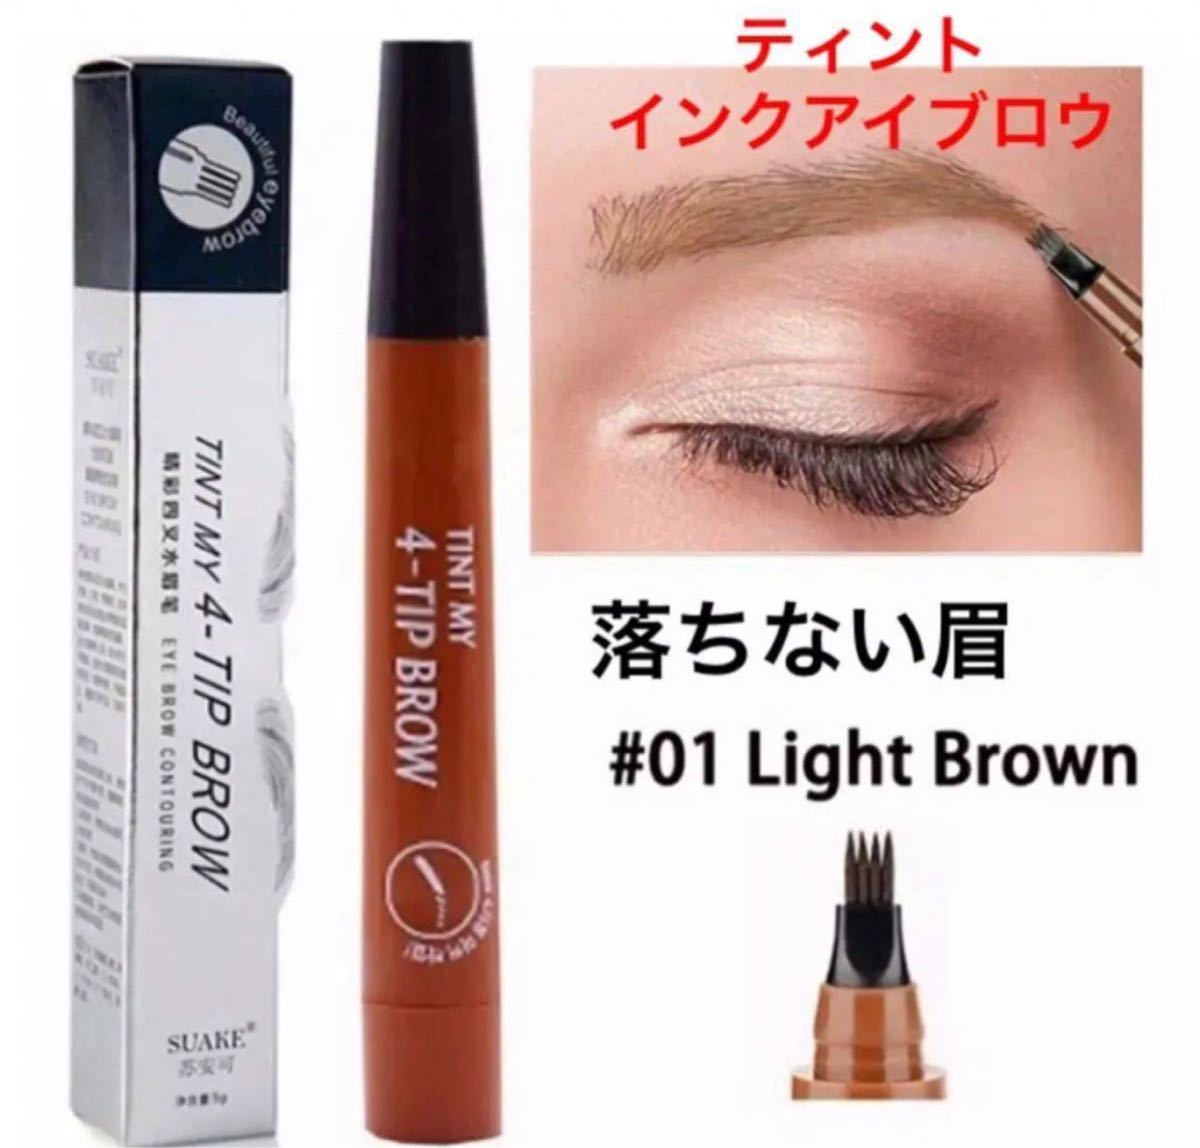 韓国コスメ 3D ティント マイ 4TIP インクアイブロウ 消えないアイブロウペン #01 ライトブラウン 4枚羽